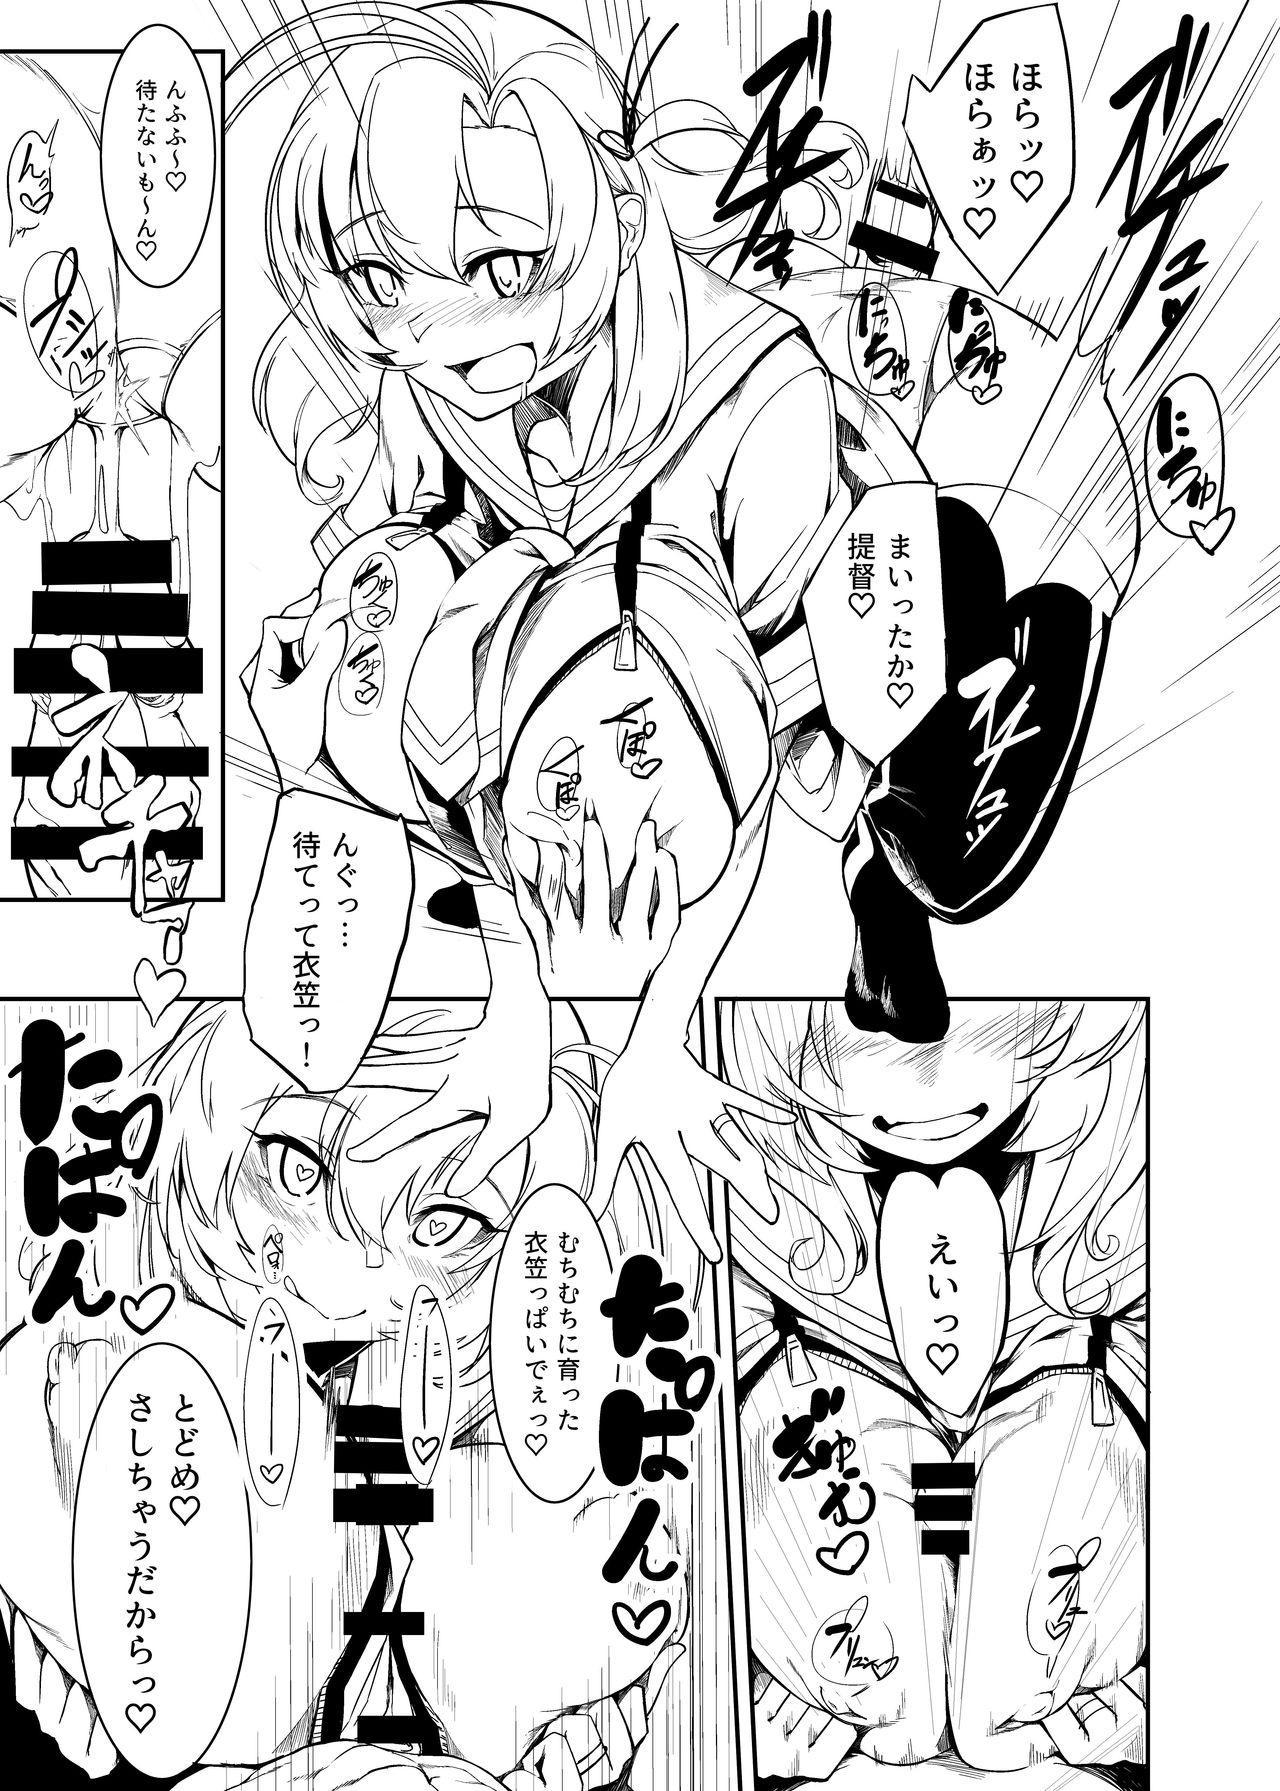 Ippai Taberu Kimi ga Suki 11